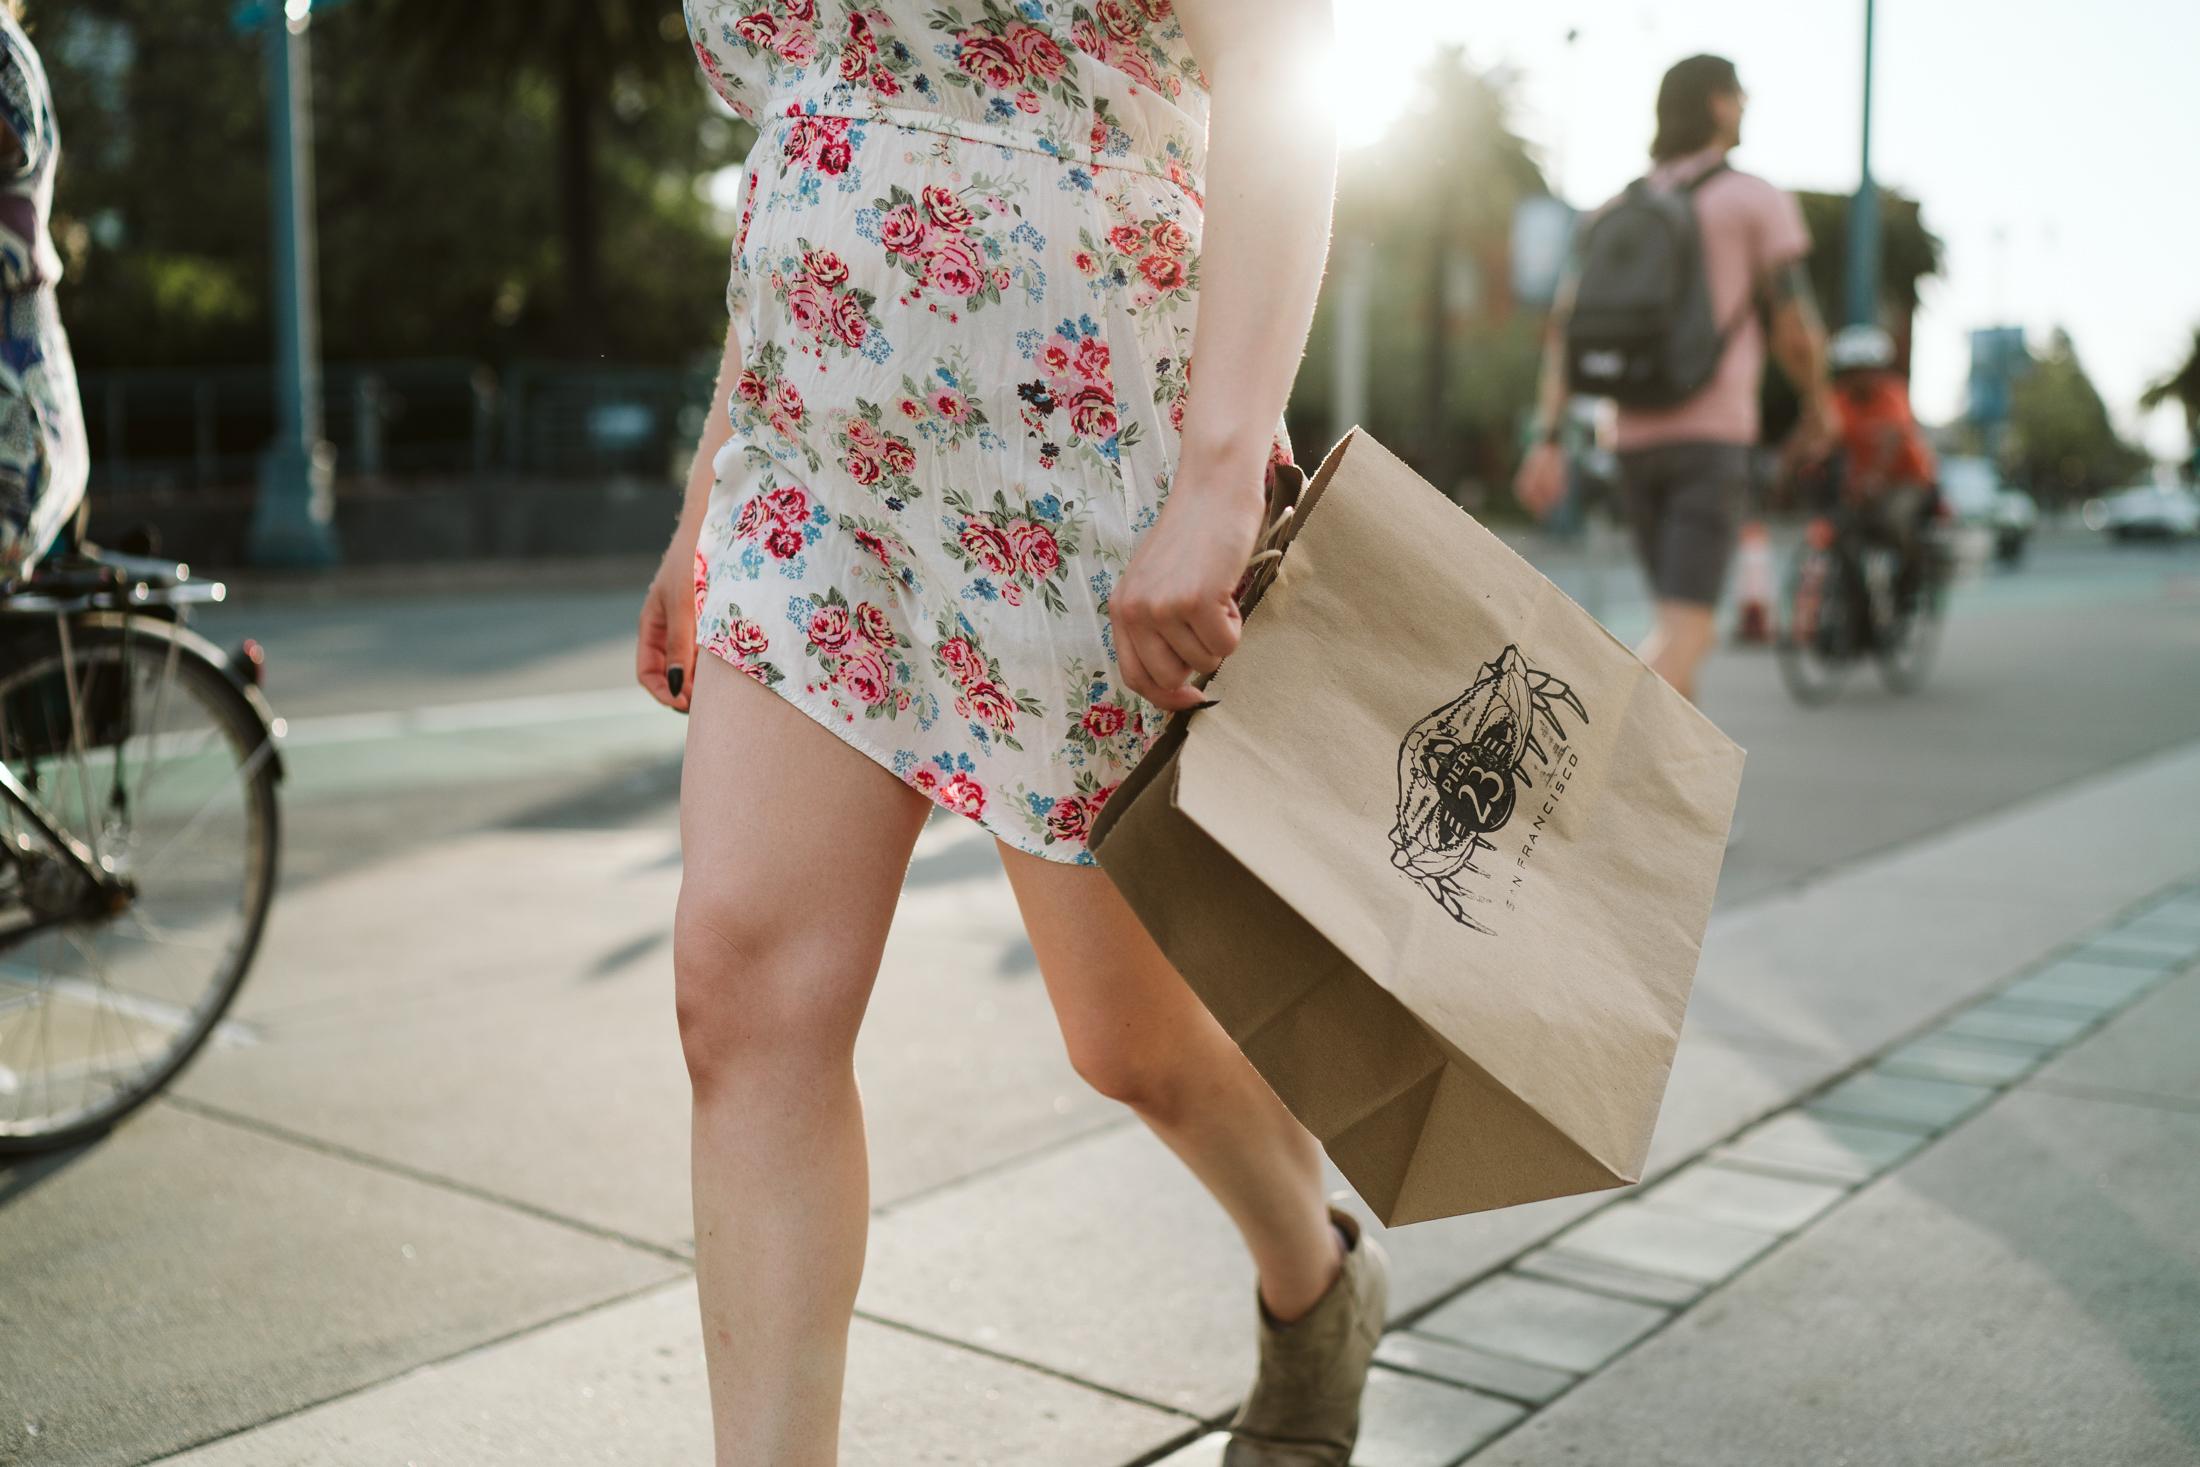 Pier-23-teaser-23 girl and bag.jpg